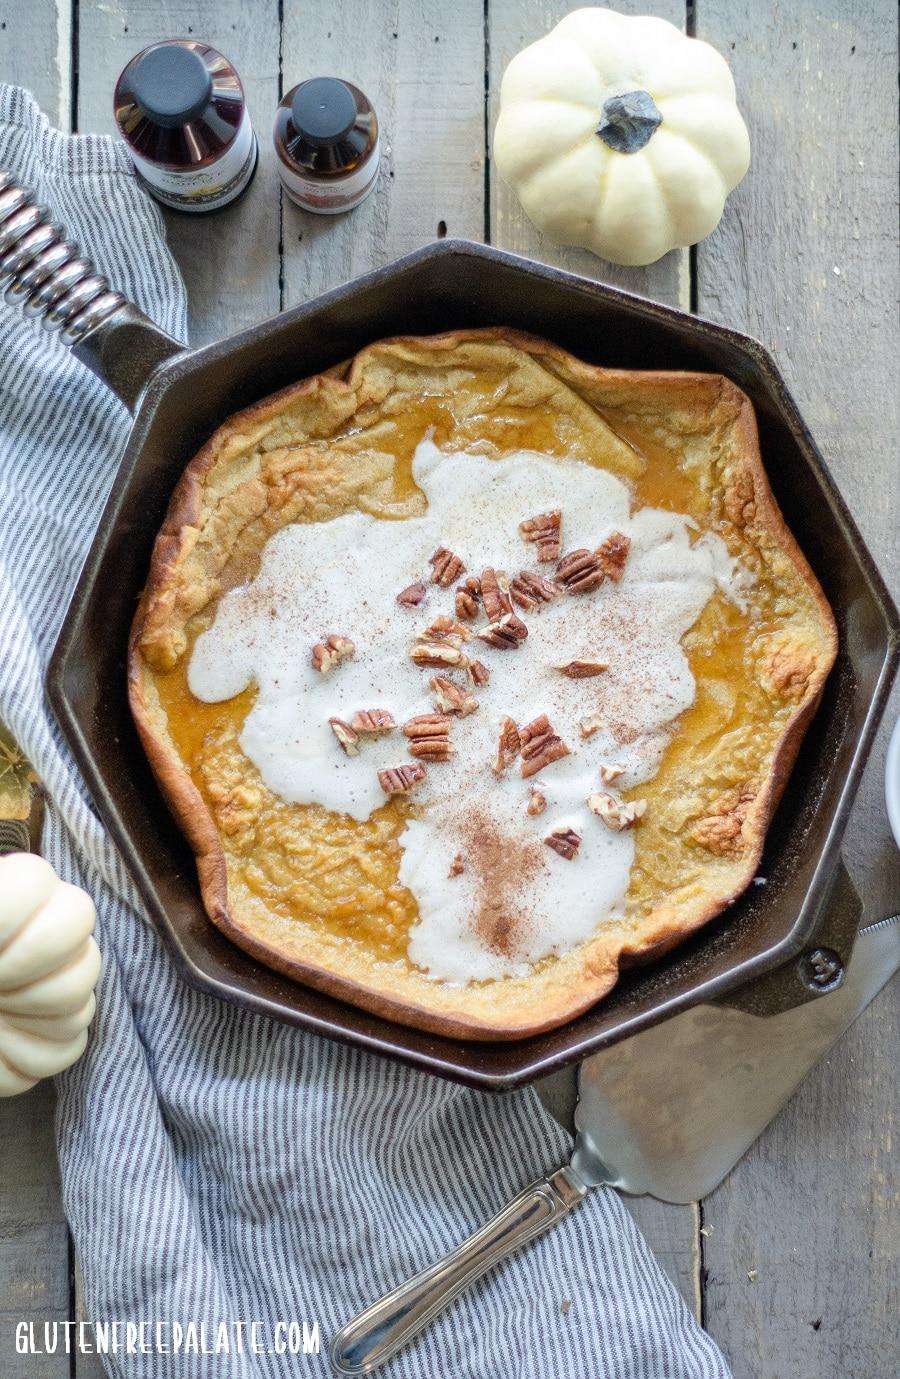 Gluten free pumpkin spice dutch baby in a cast iron skillet.